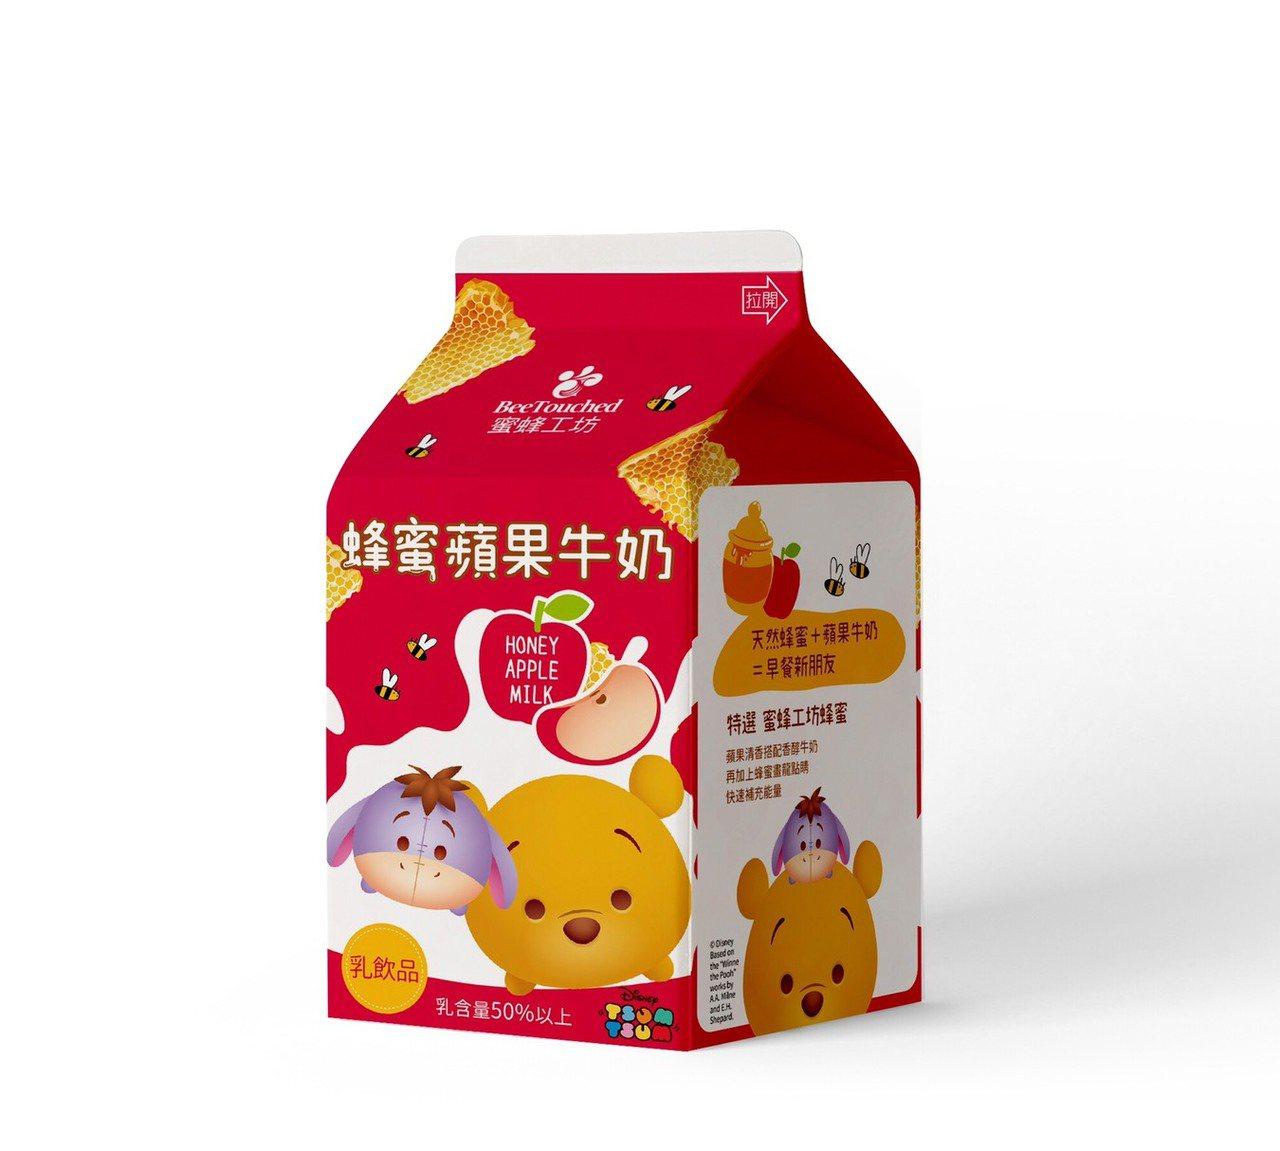 全家便利商店獨家限量販售的「蜜蜂工坊」Tsum Tsum蜂蜜蘋果牛奶,售價45元...